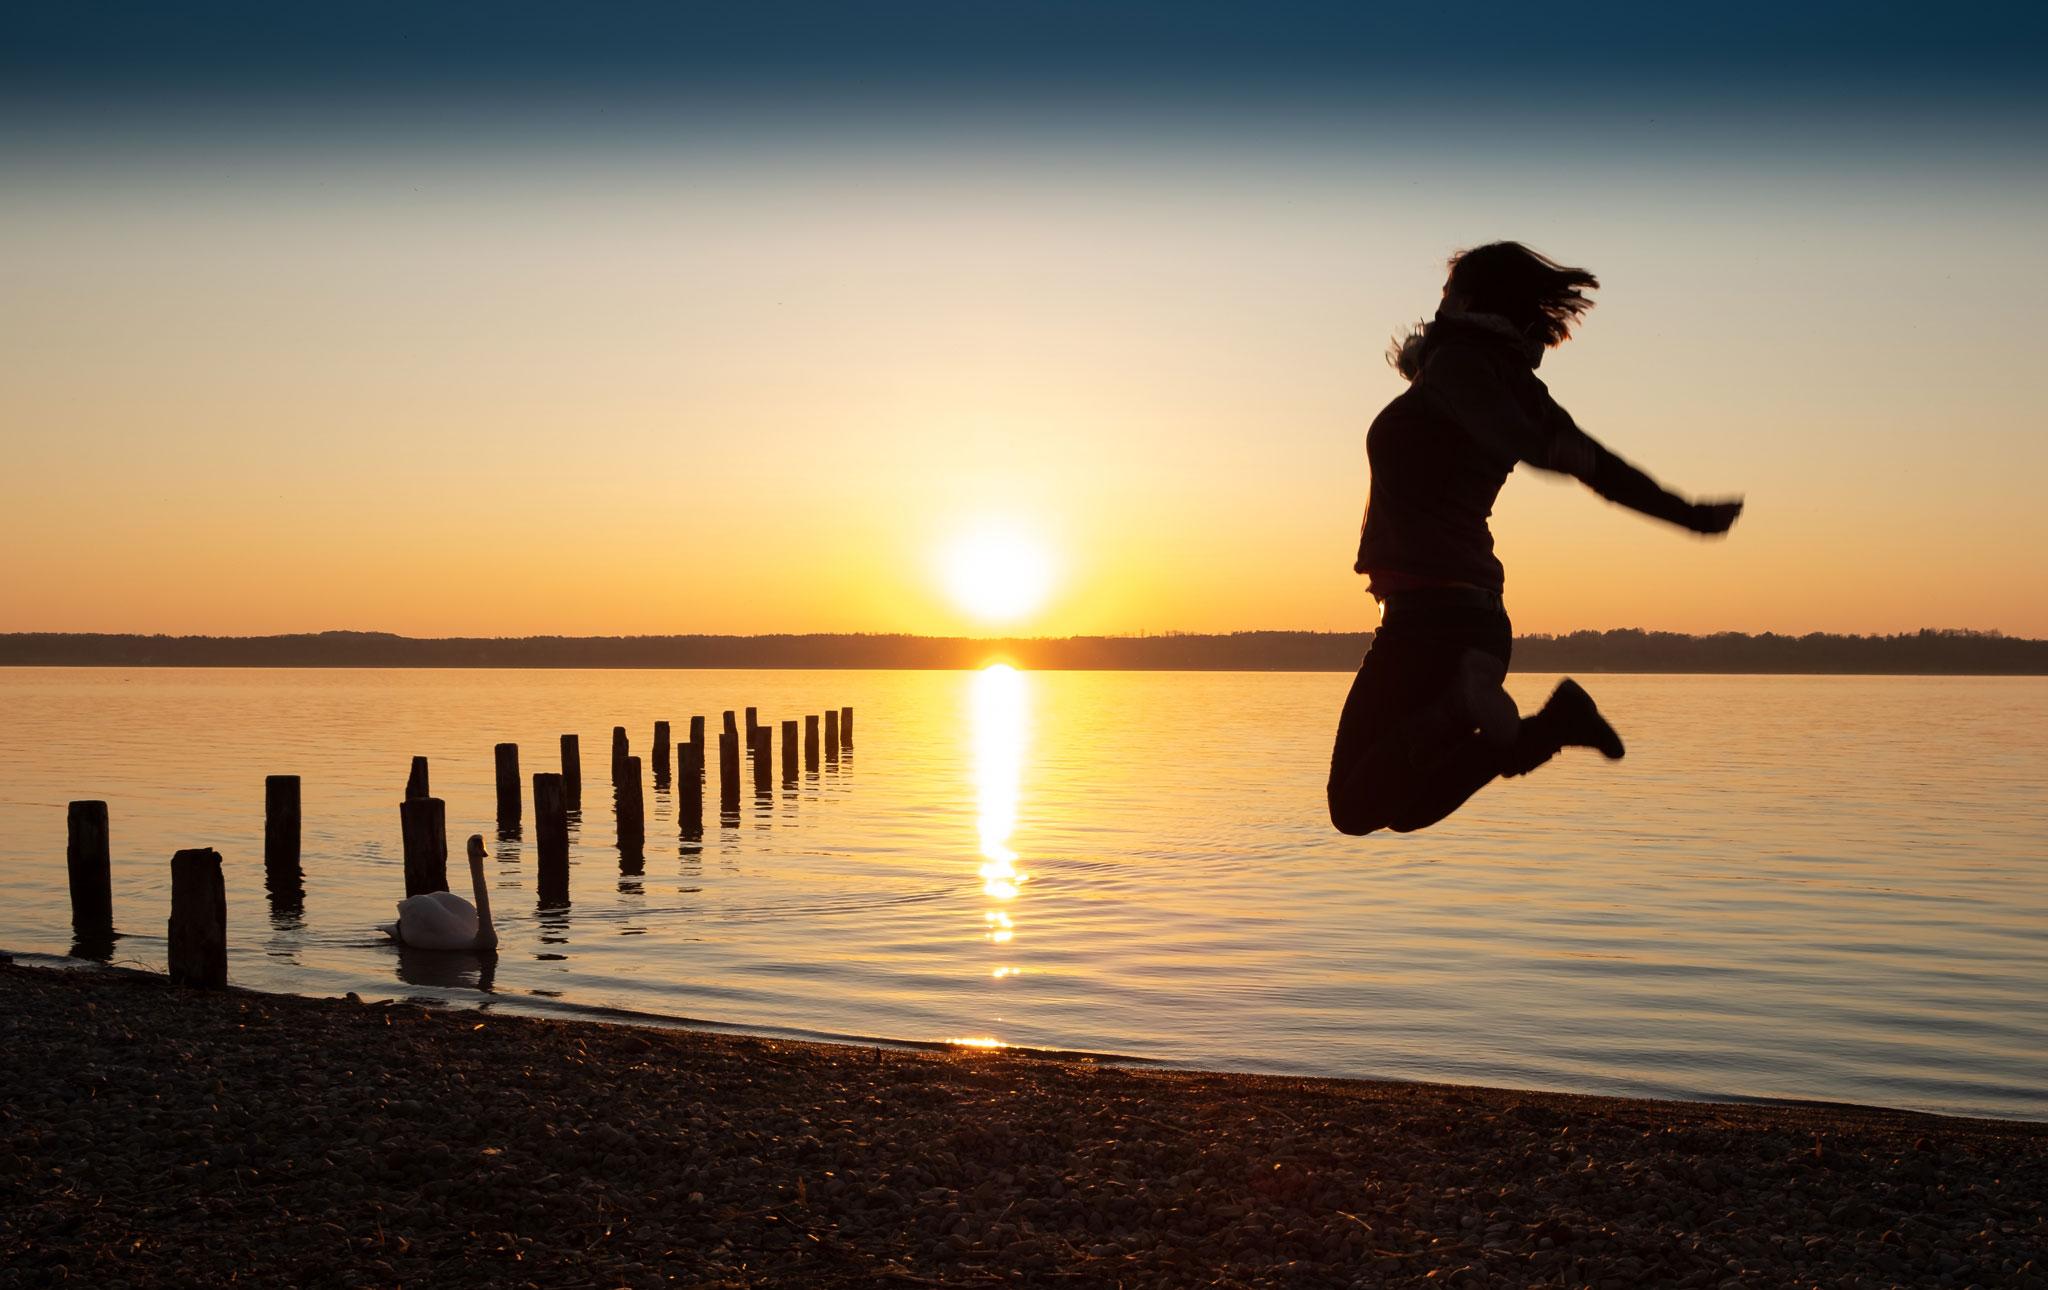 Freudensprung im Sonnenuntergang von Helga Orterer